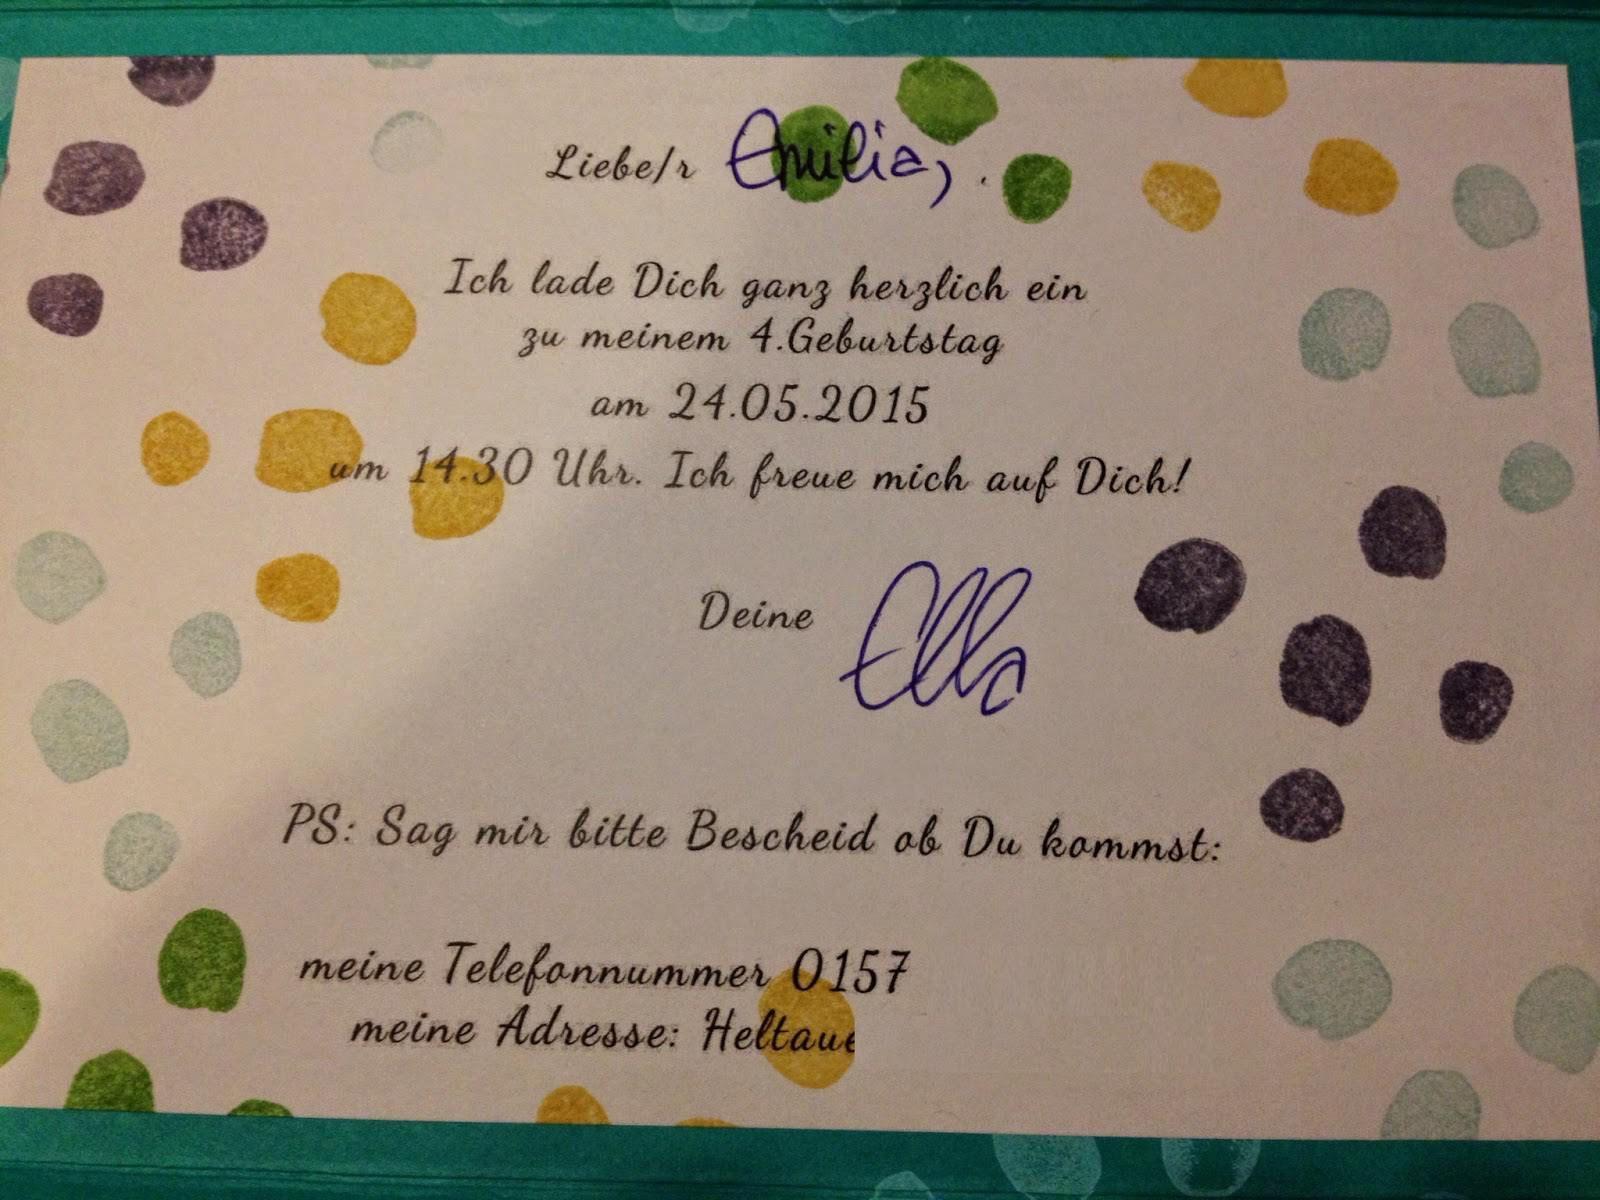 Beileidswunsche Fur Karten: Einladungskarte 1 Geburtstag : Einladungskarten 1